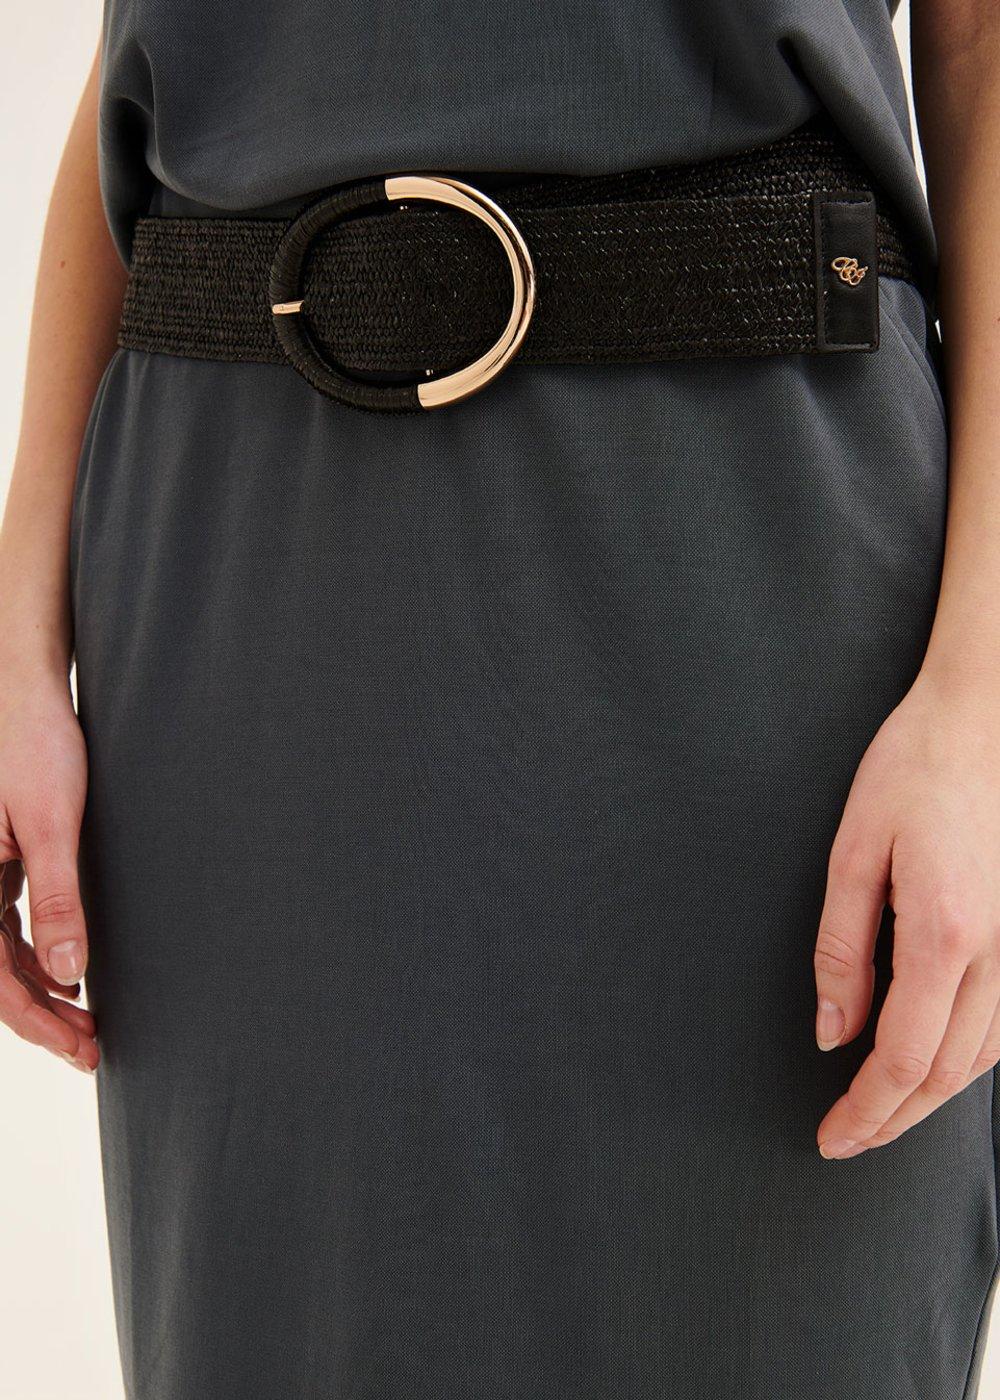 Cintura Cris elastica - Black - Donna